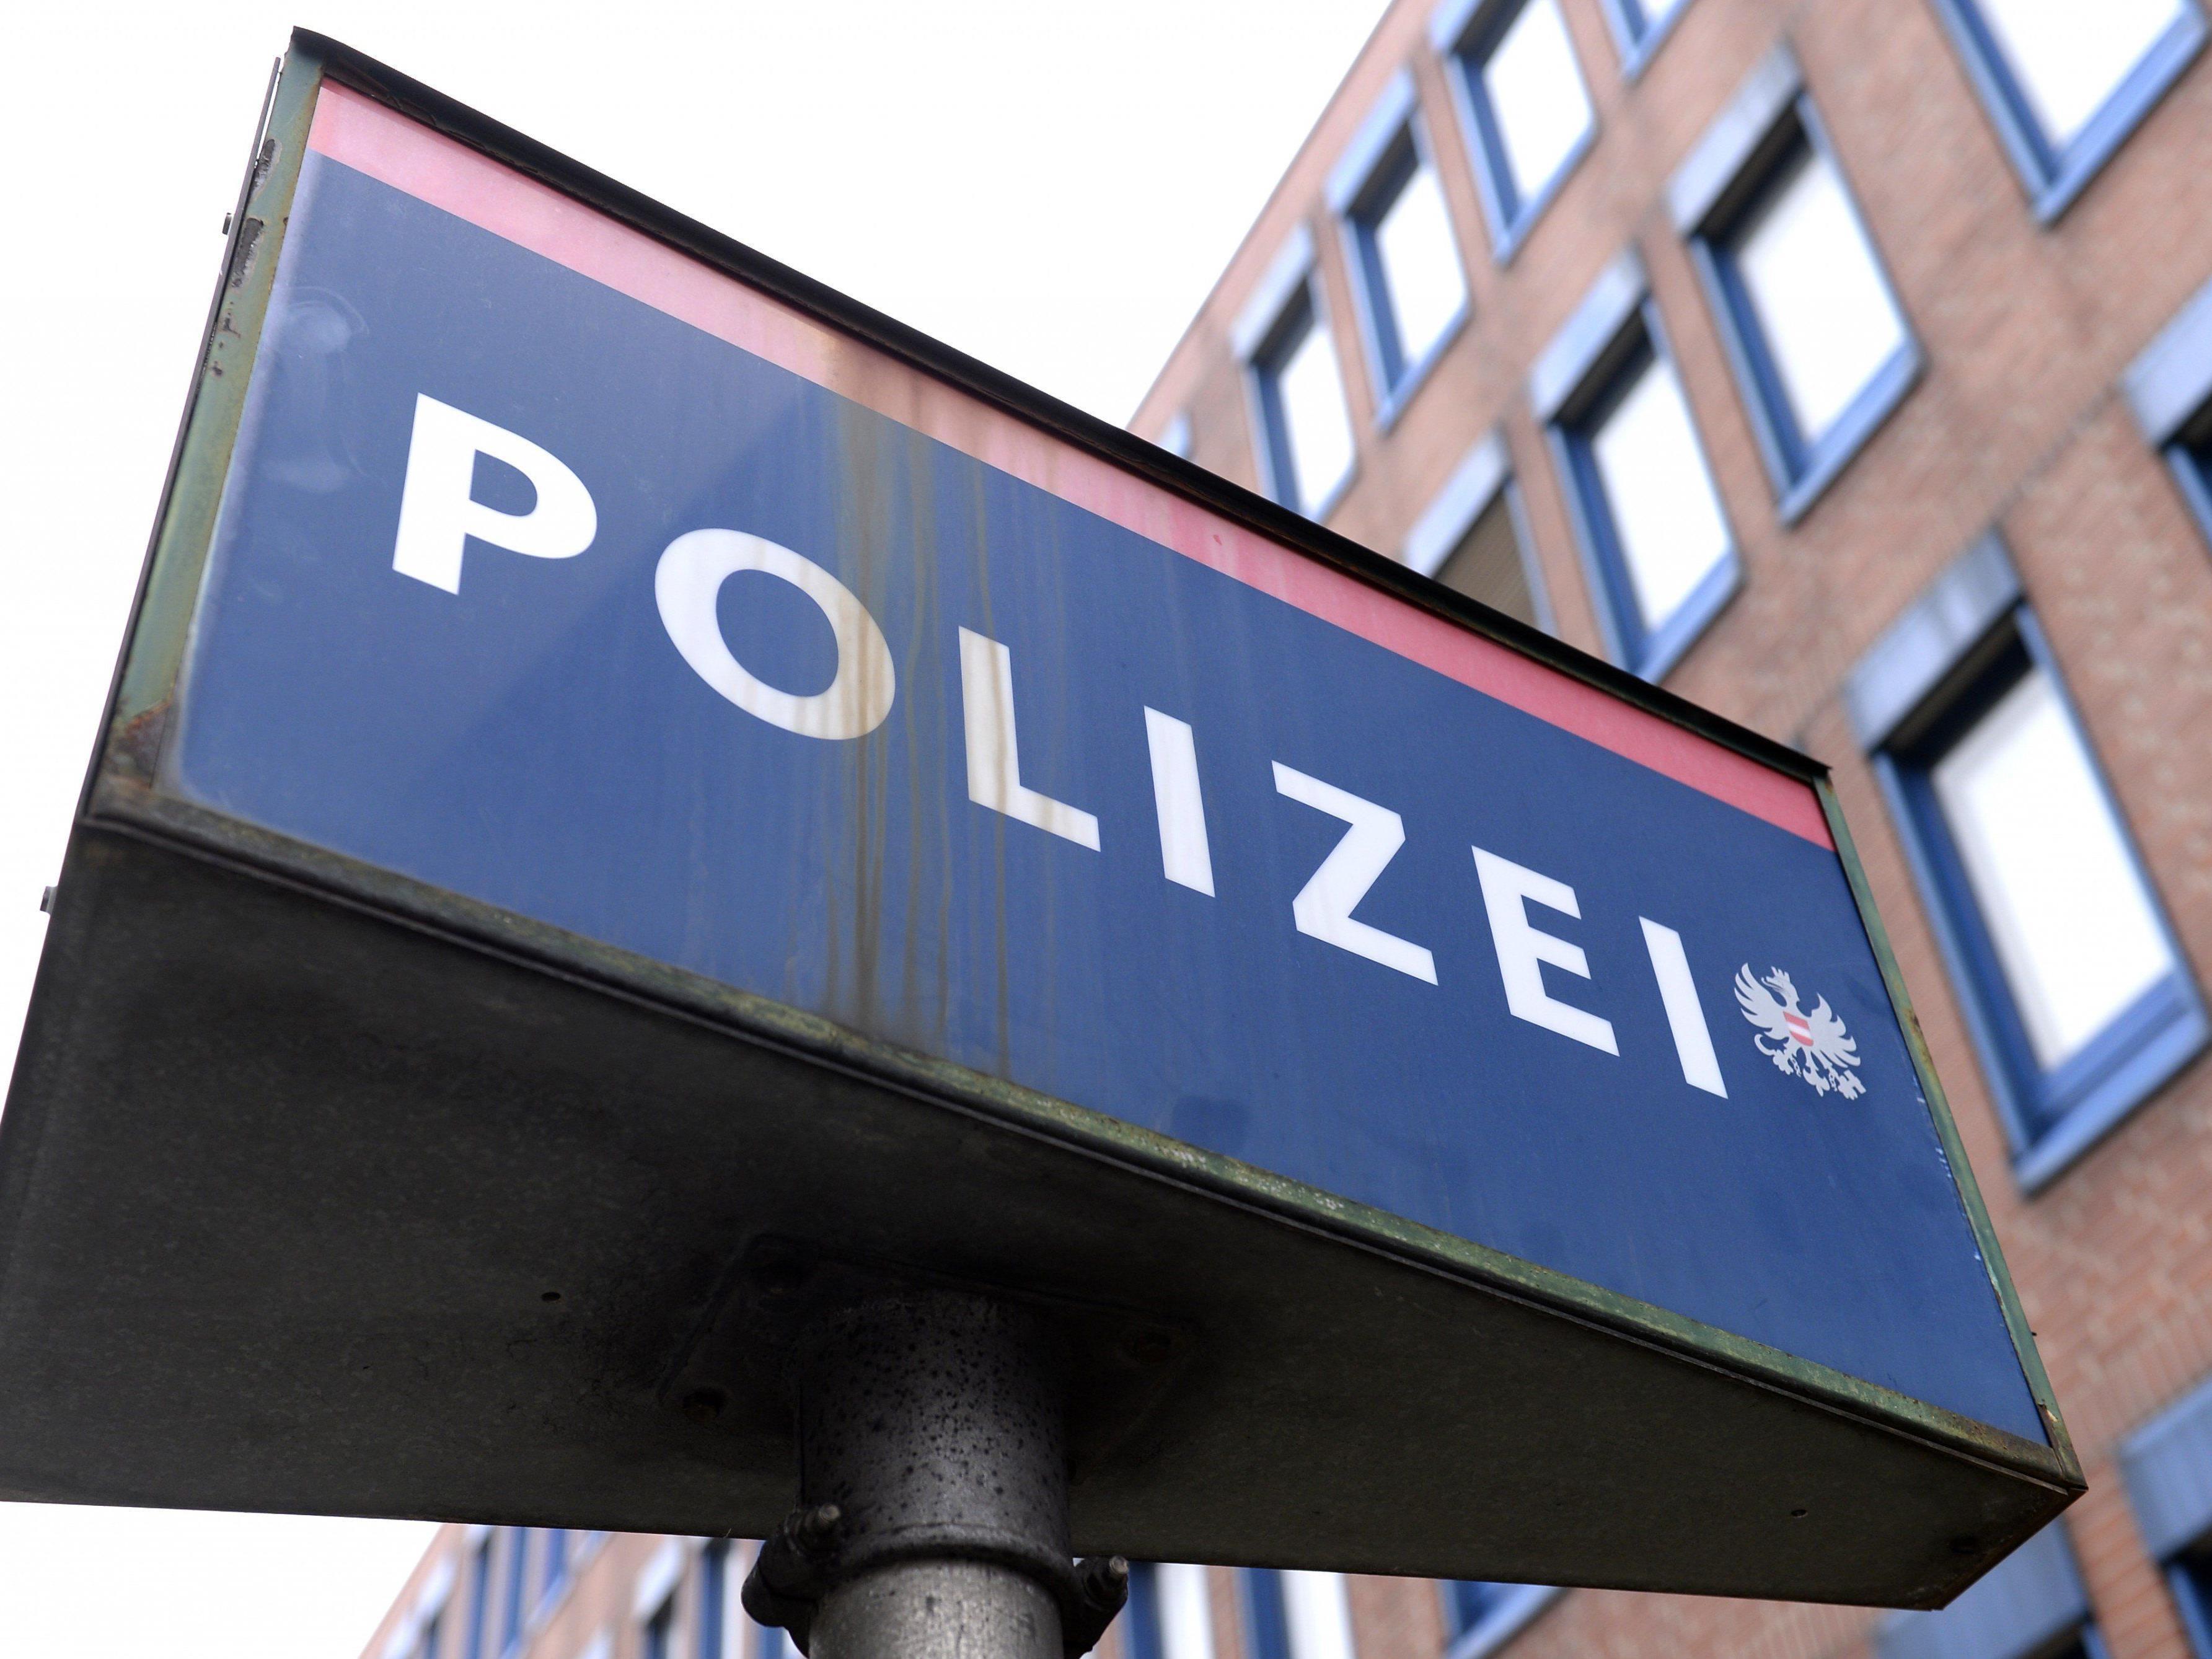 Nach Fahrerflucht: Polizei Dornbirn bittet um Hinweise von Zeugen.